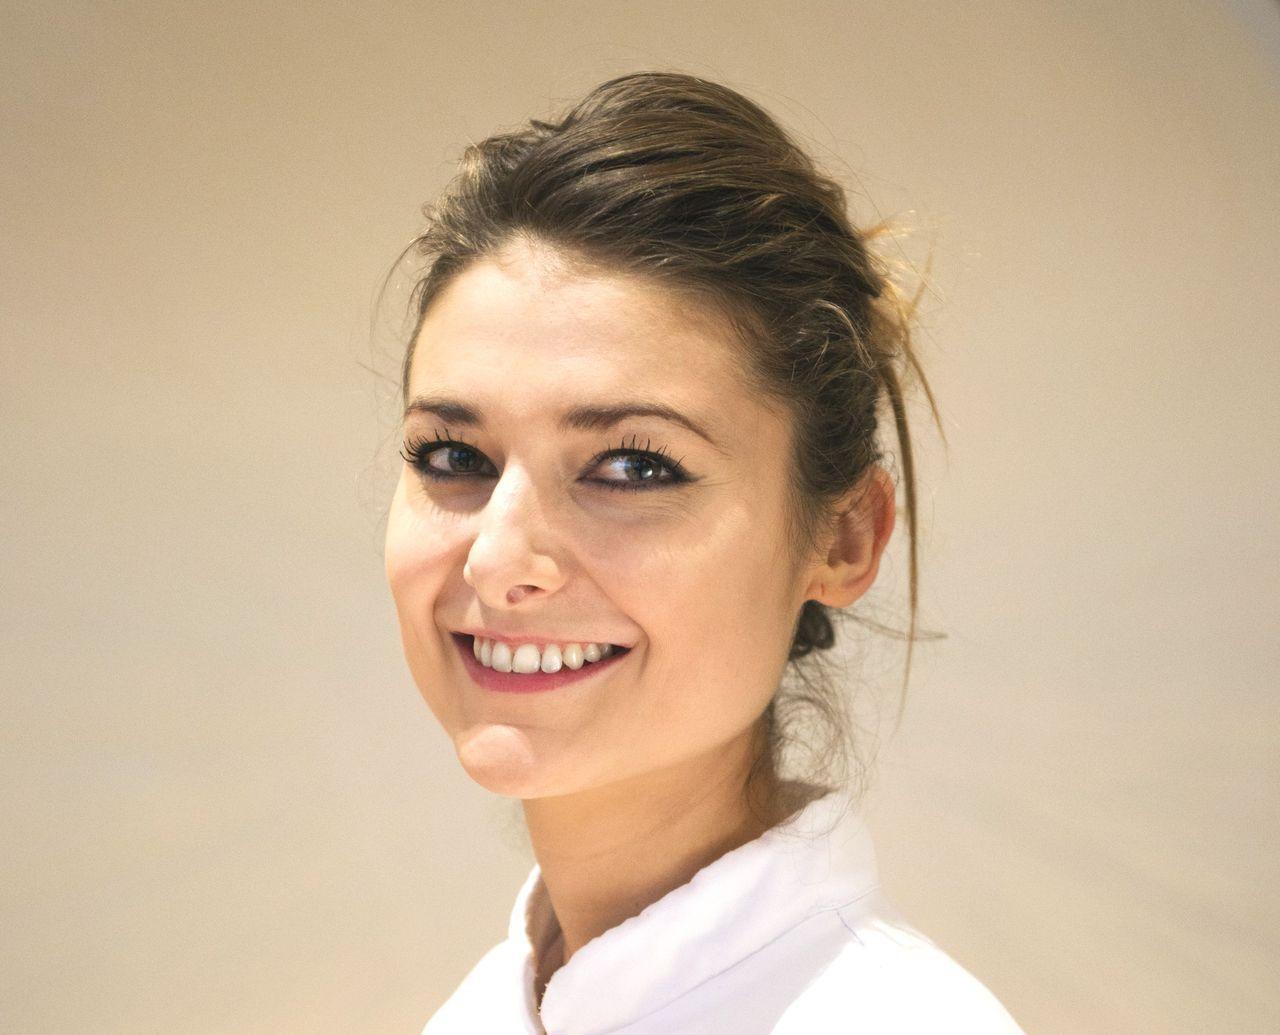 Jessica Préalpato, la meilleure pâtissière du monde «qui ne touche plus une pâte à choux»